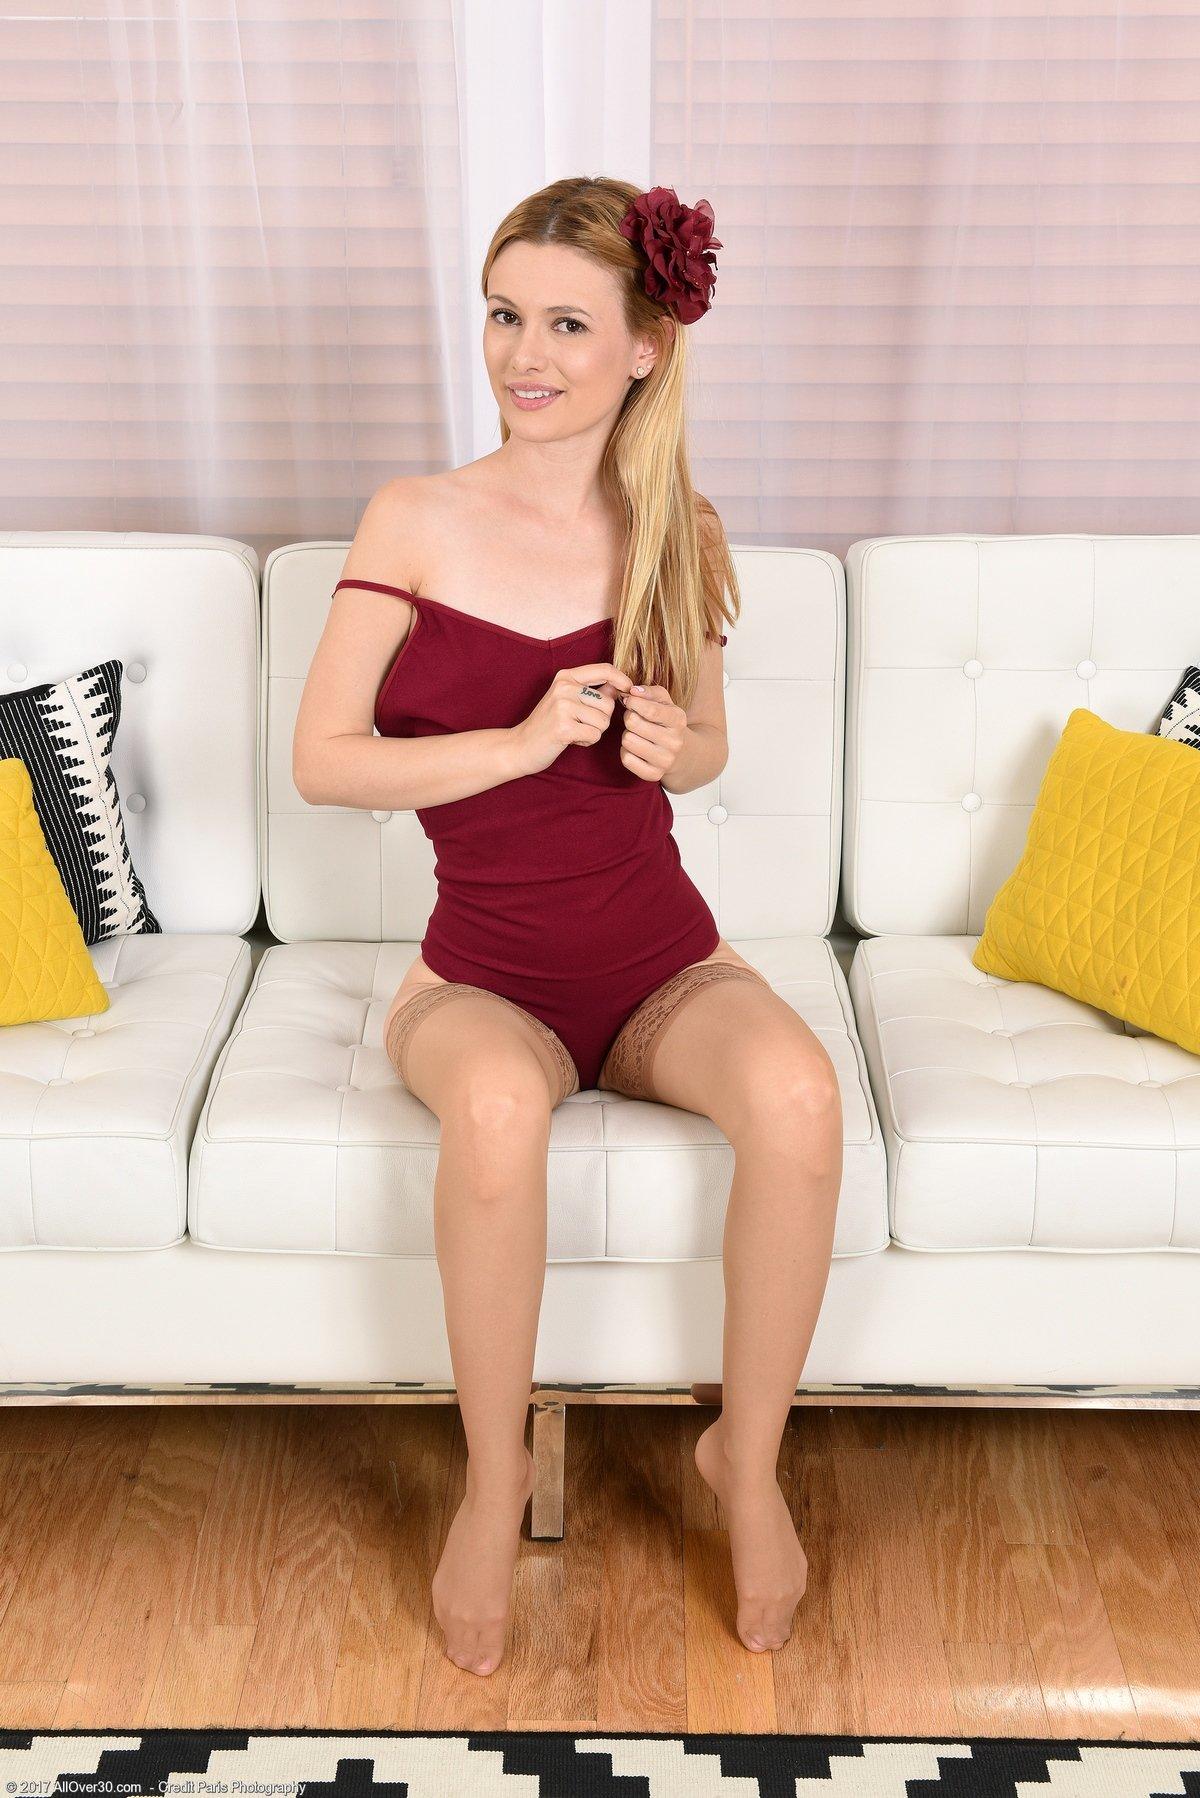 Женщина с цветком в волосах раздвигает ноги в чулках